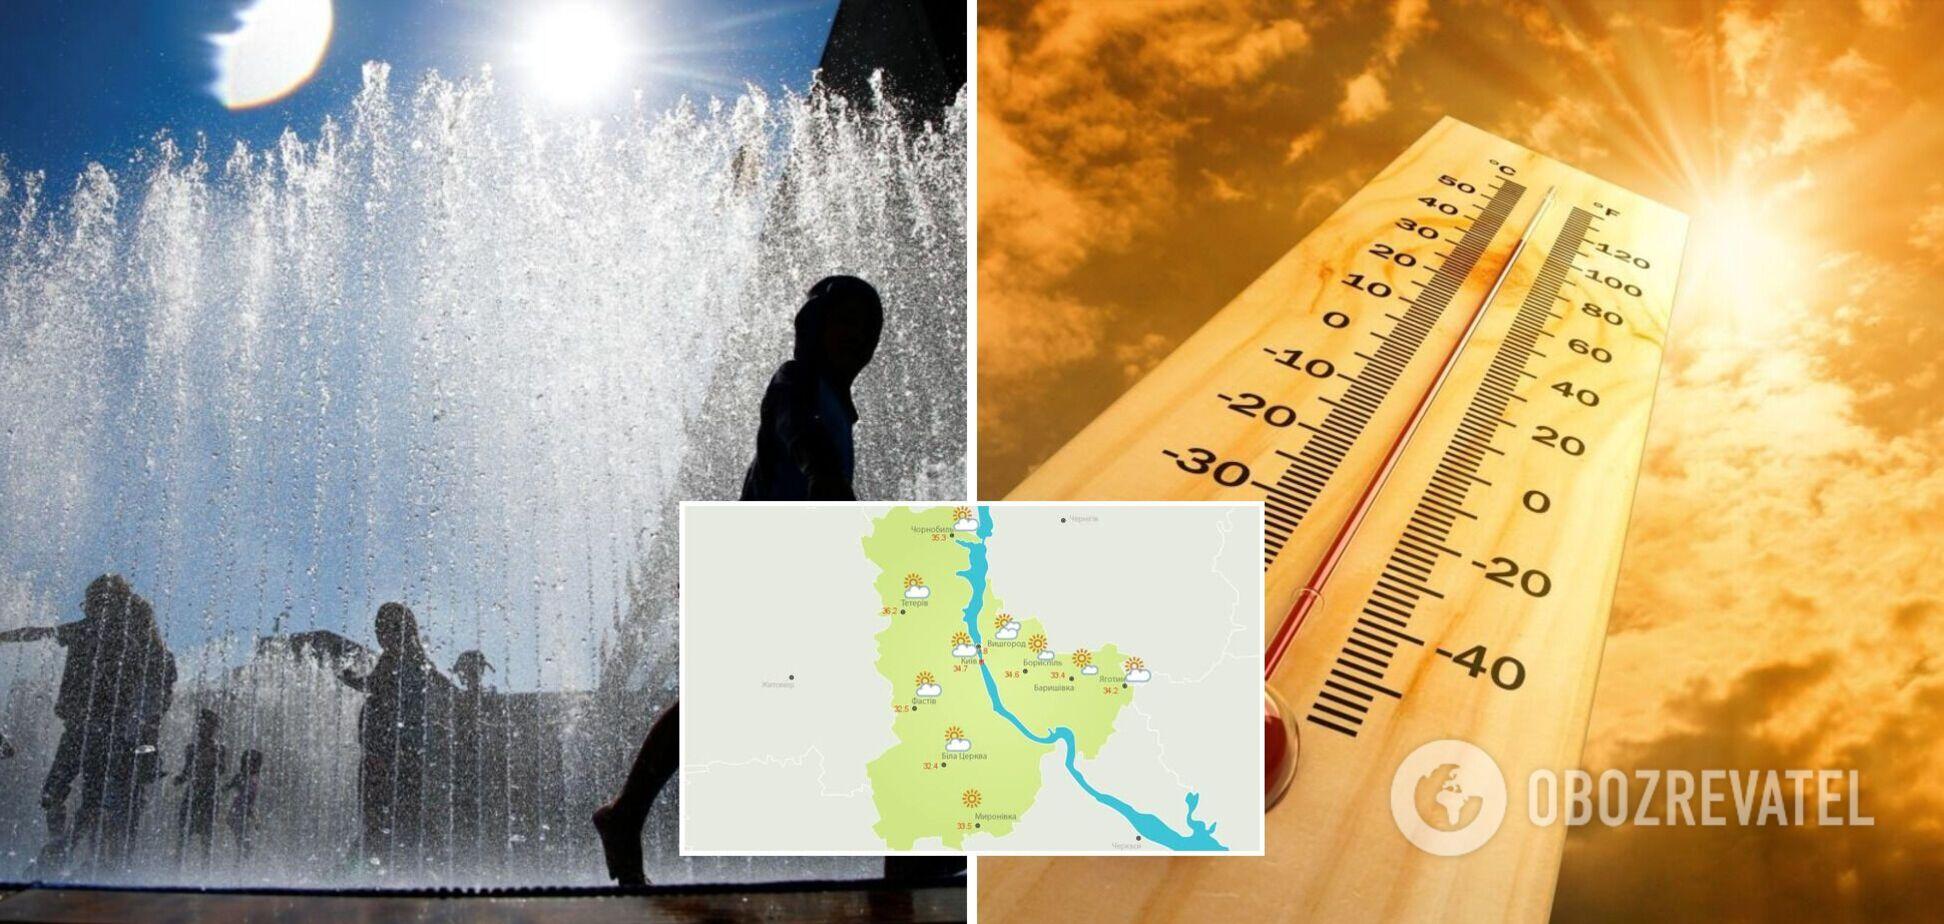 Жара в Украине достигла 37 градусов: синоптик назвала самый горячий регион. Карта